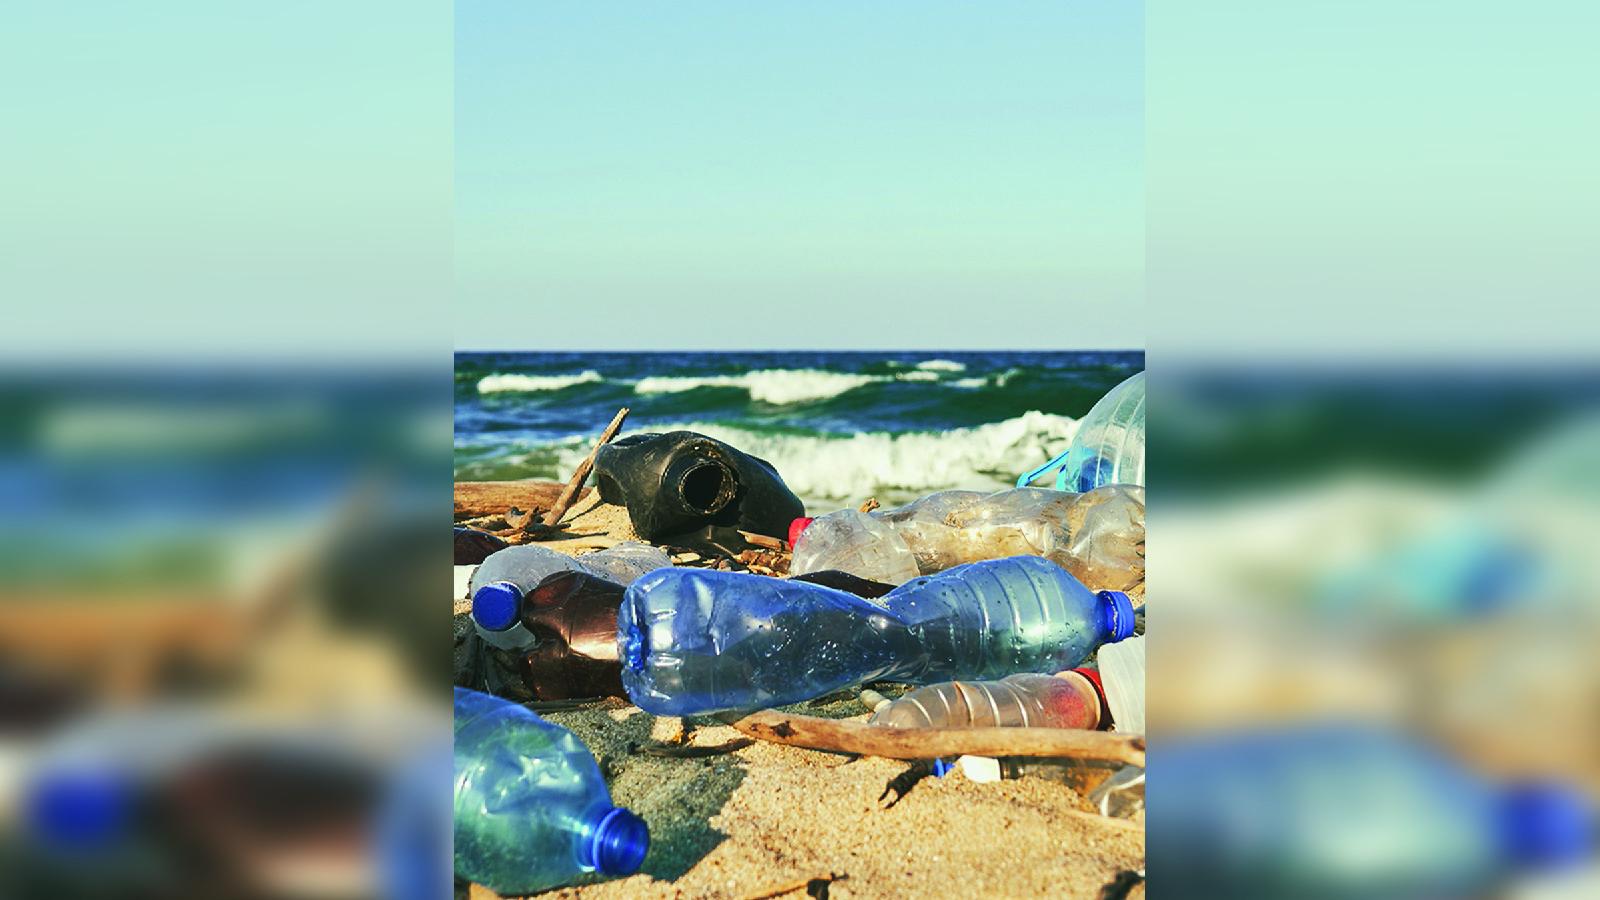 Avere cura di noi significa avere cura dei rifiuti, fuori e dentro di noi